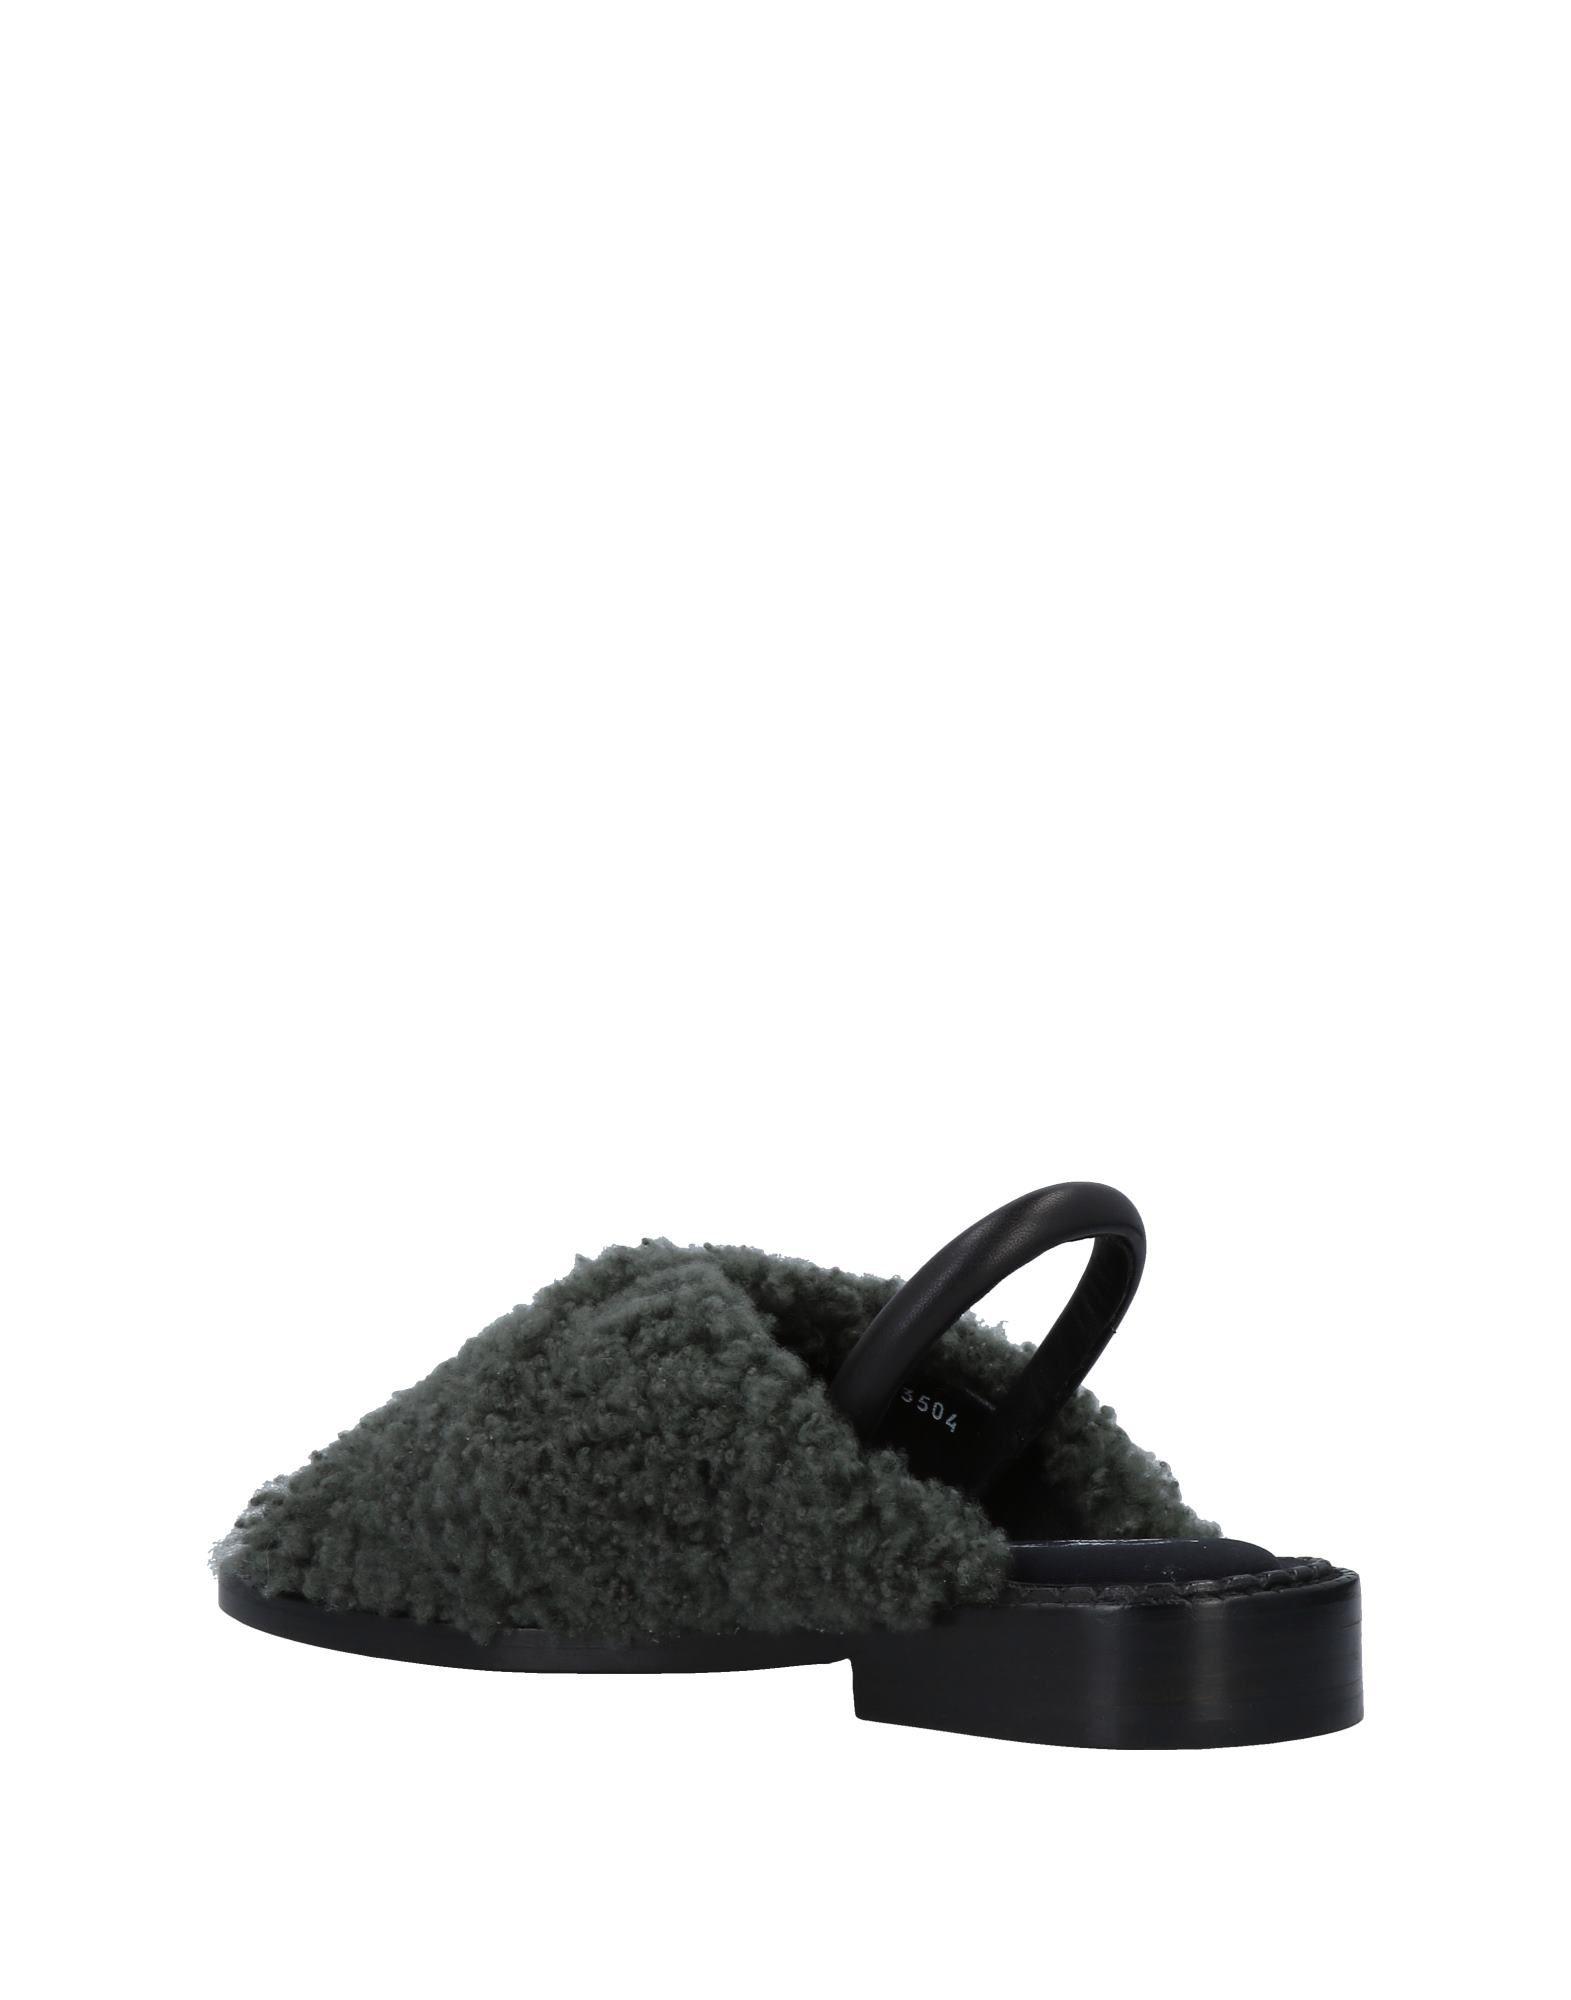 Rabatt Schuhe Robert Clergerie  Sandalen Damen  Clergerie 11489336JH e2368b